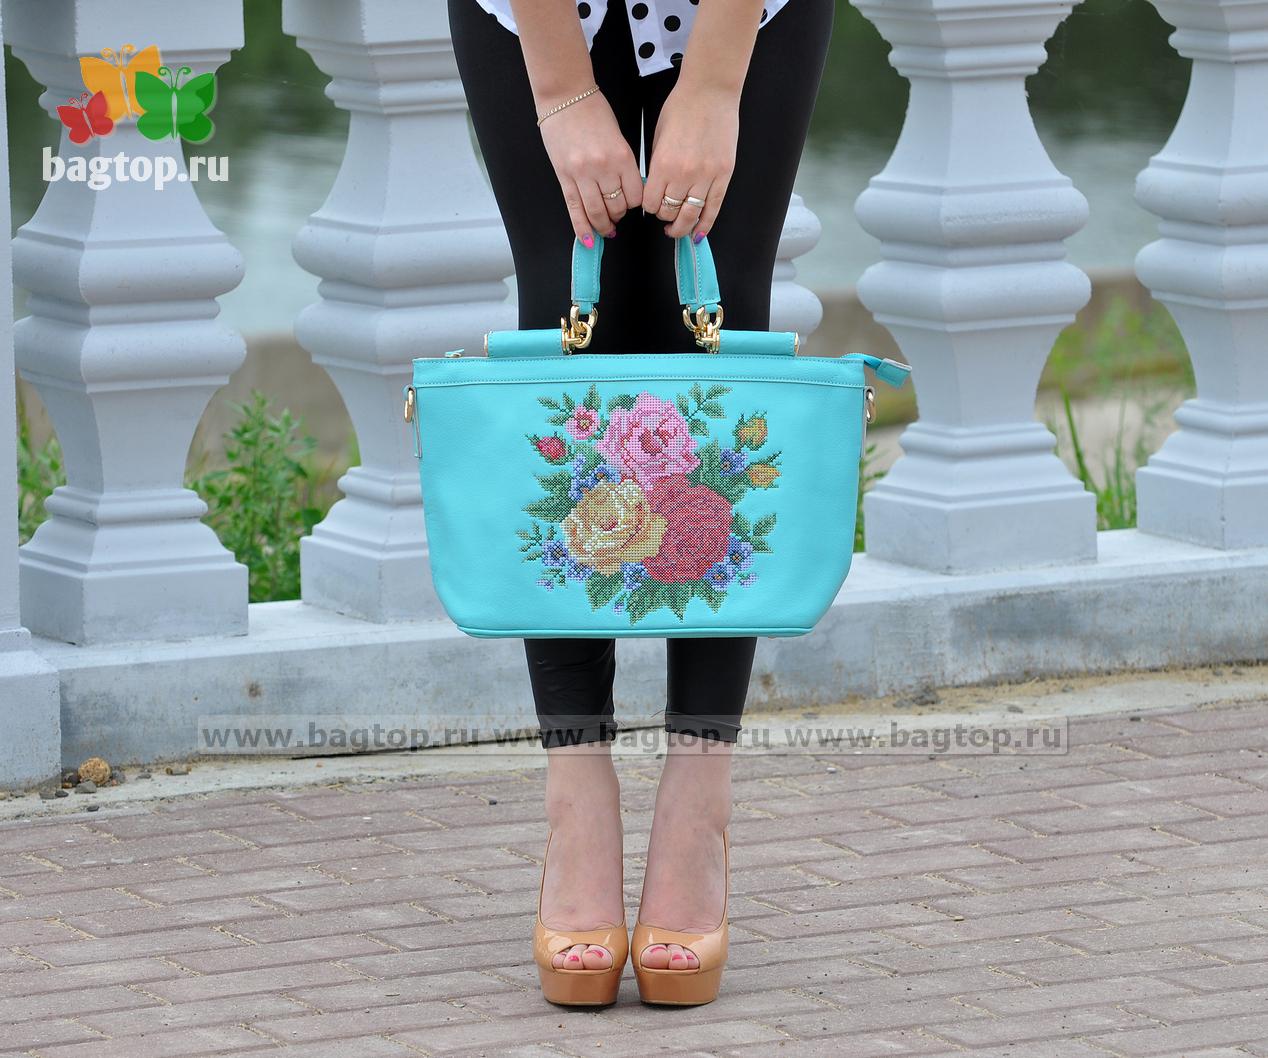 Cбор заказов. Шикарные сумки с сайта Bagtop на любой вкус. Яркое лето! Новинки и скидки. Выкуп 28